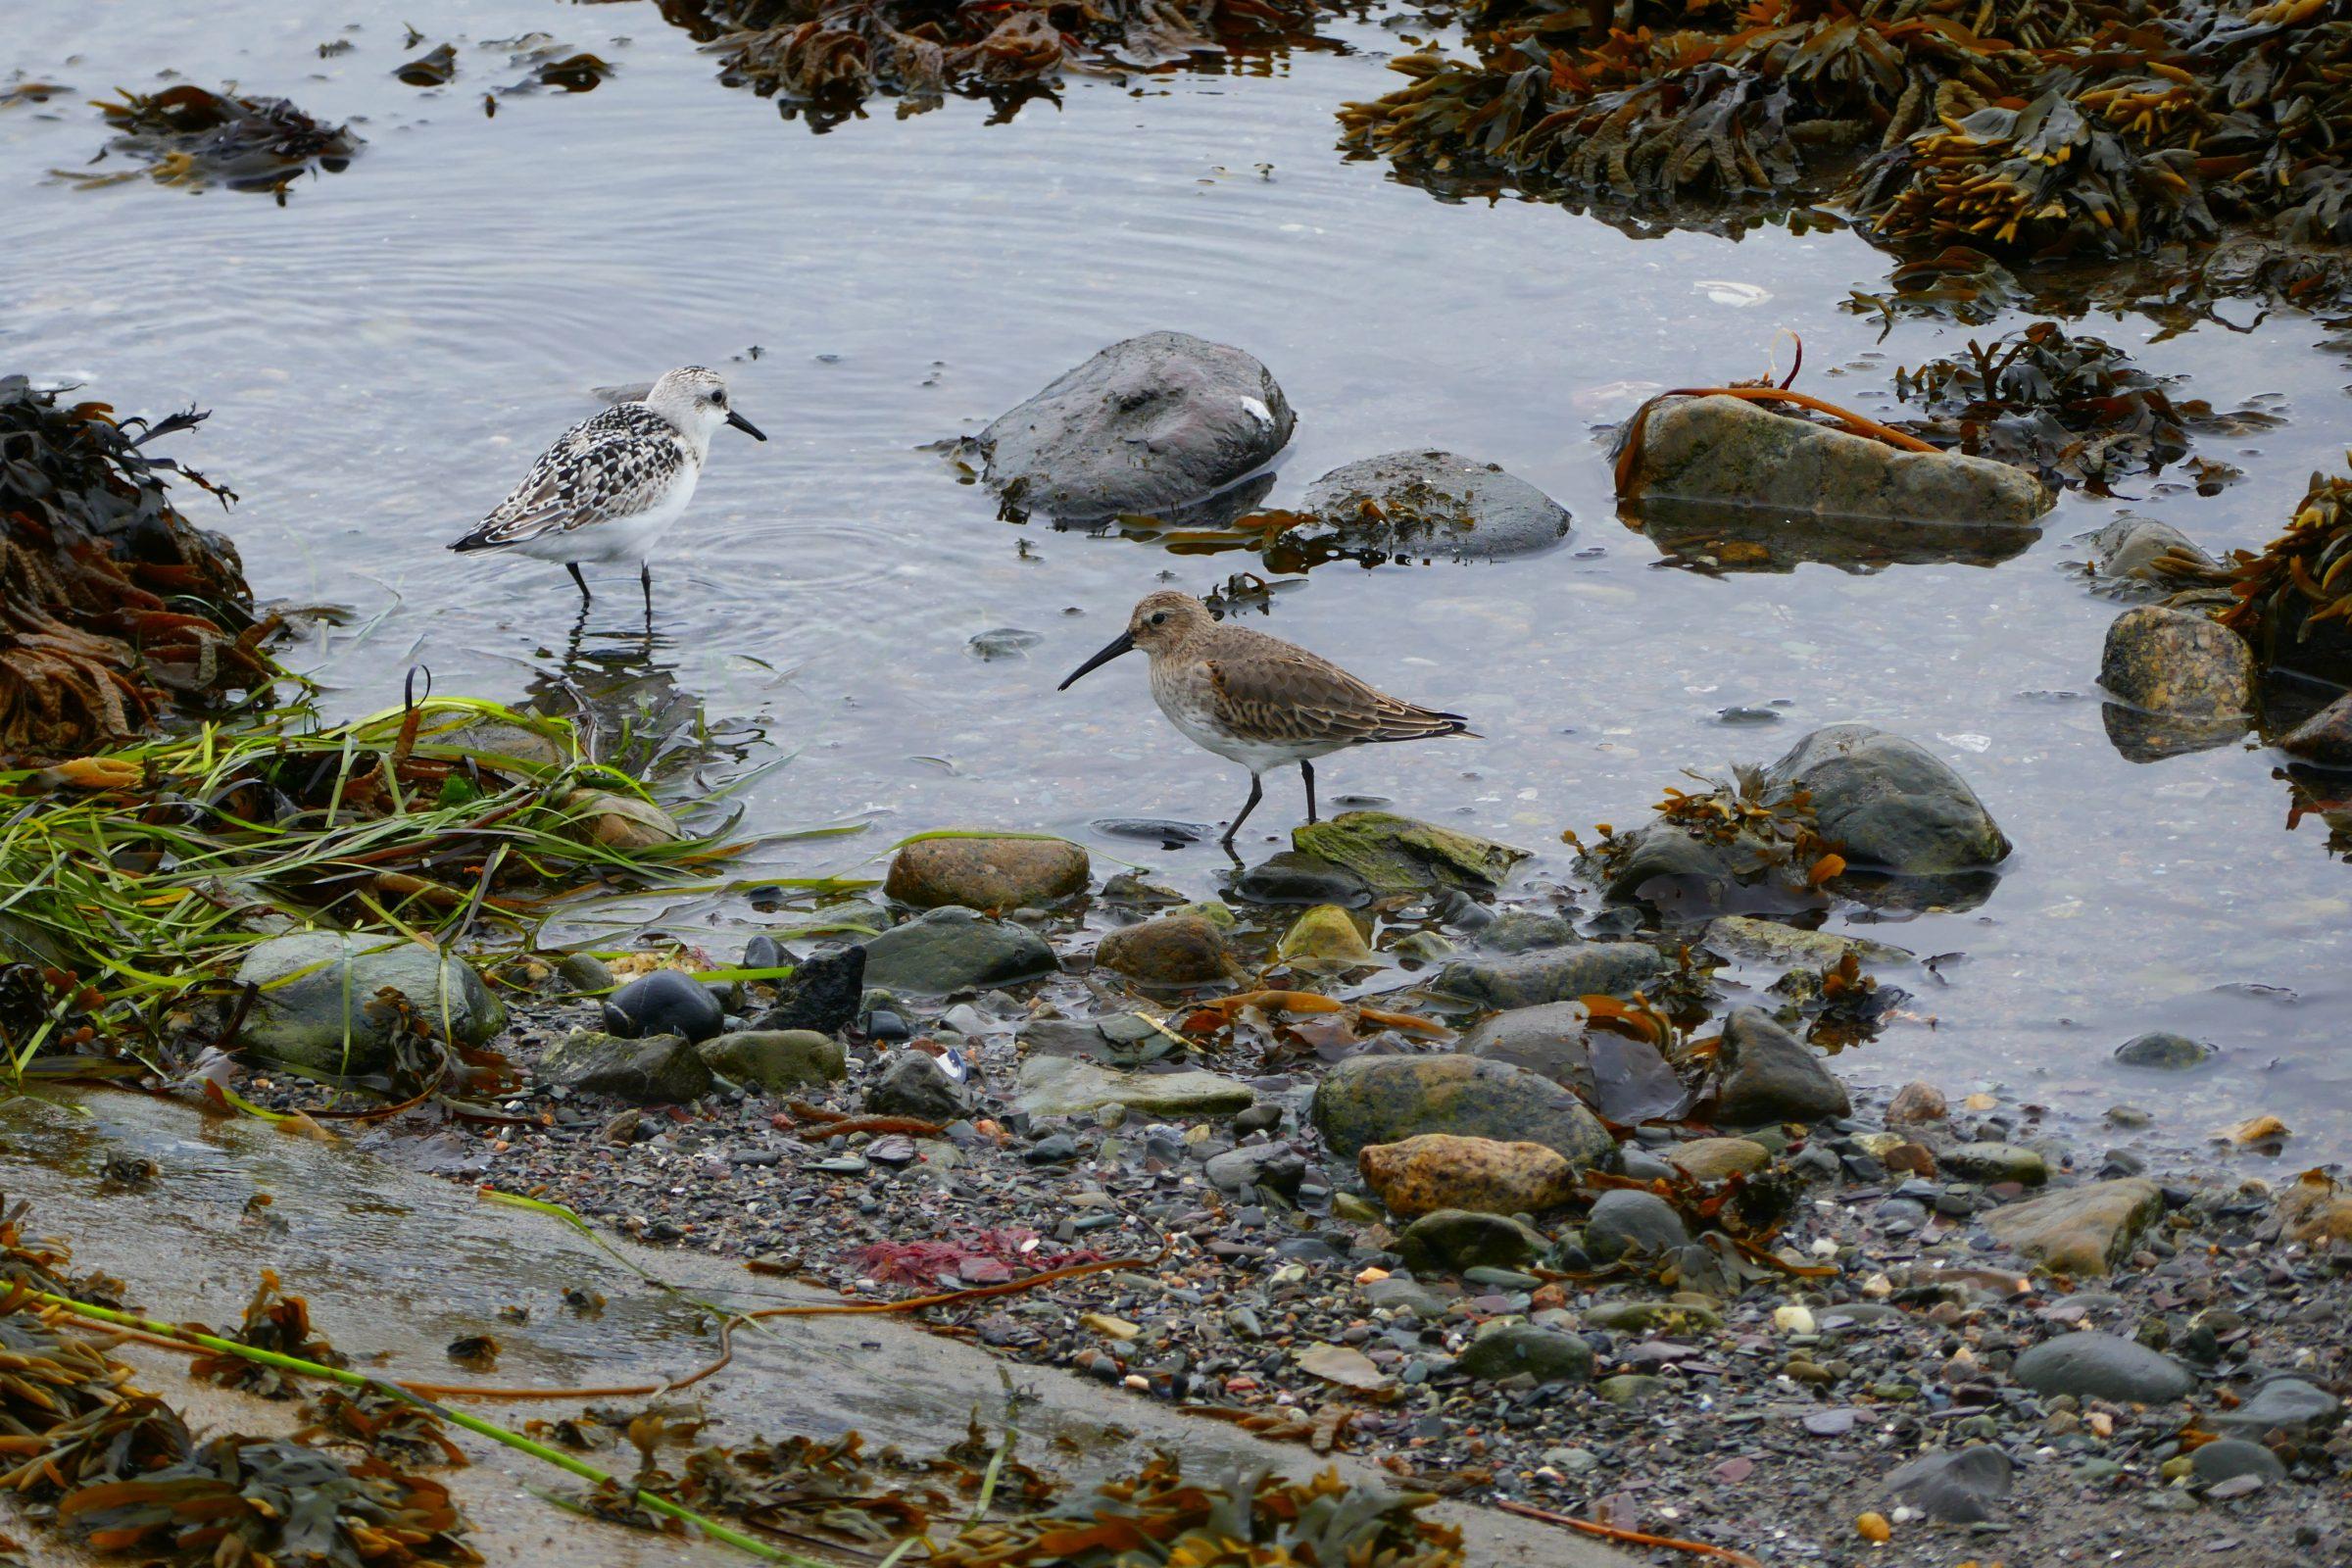 Ce 23 septembre 2019, observation des bécasseaux sanderling et variables à la poibte ouest de l'île aux Basques, en train de se nourrir. Photo : Daniel Banville.